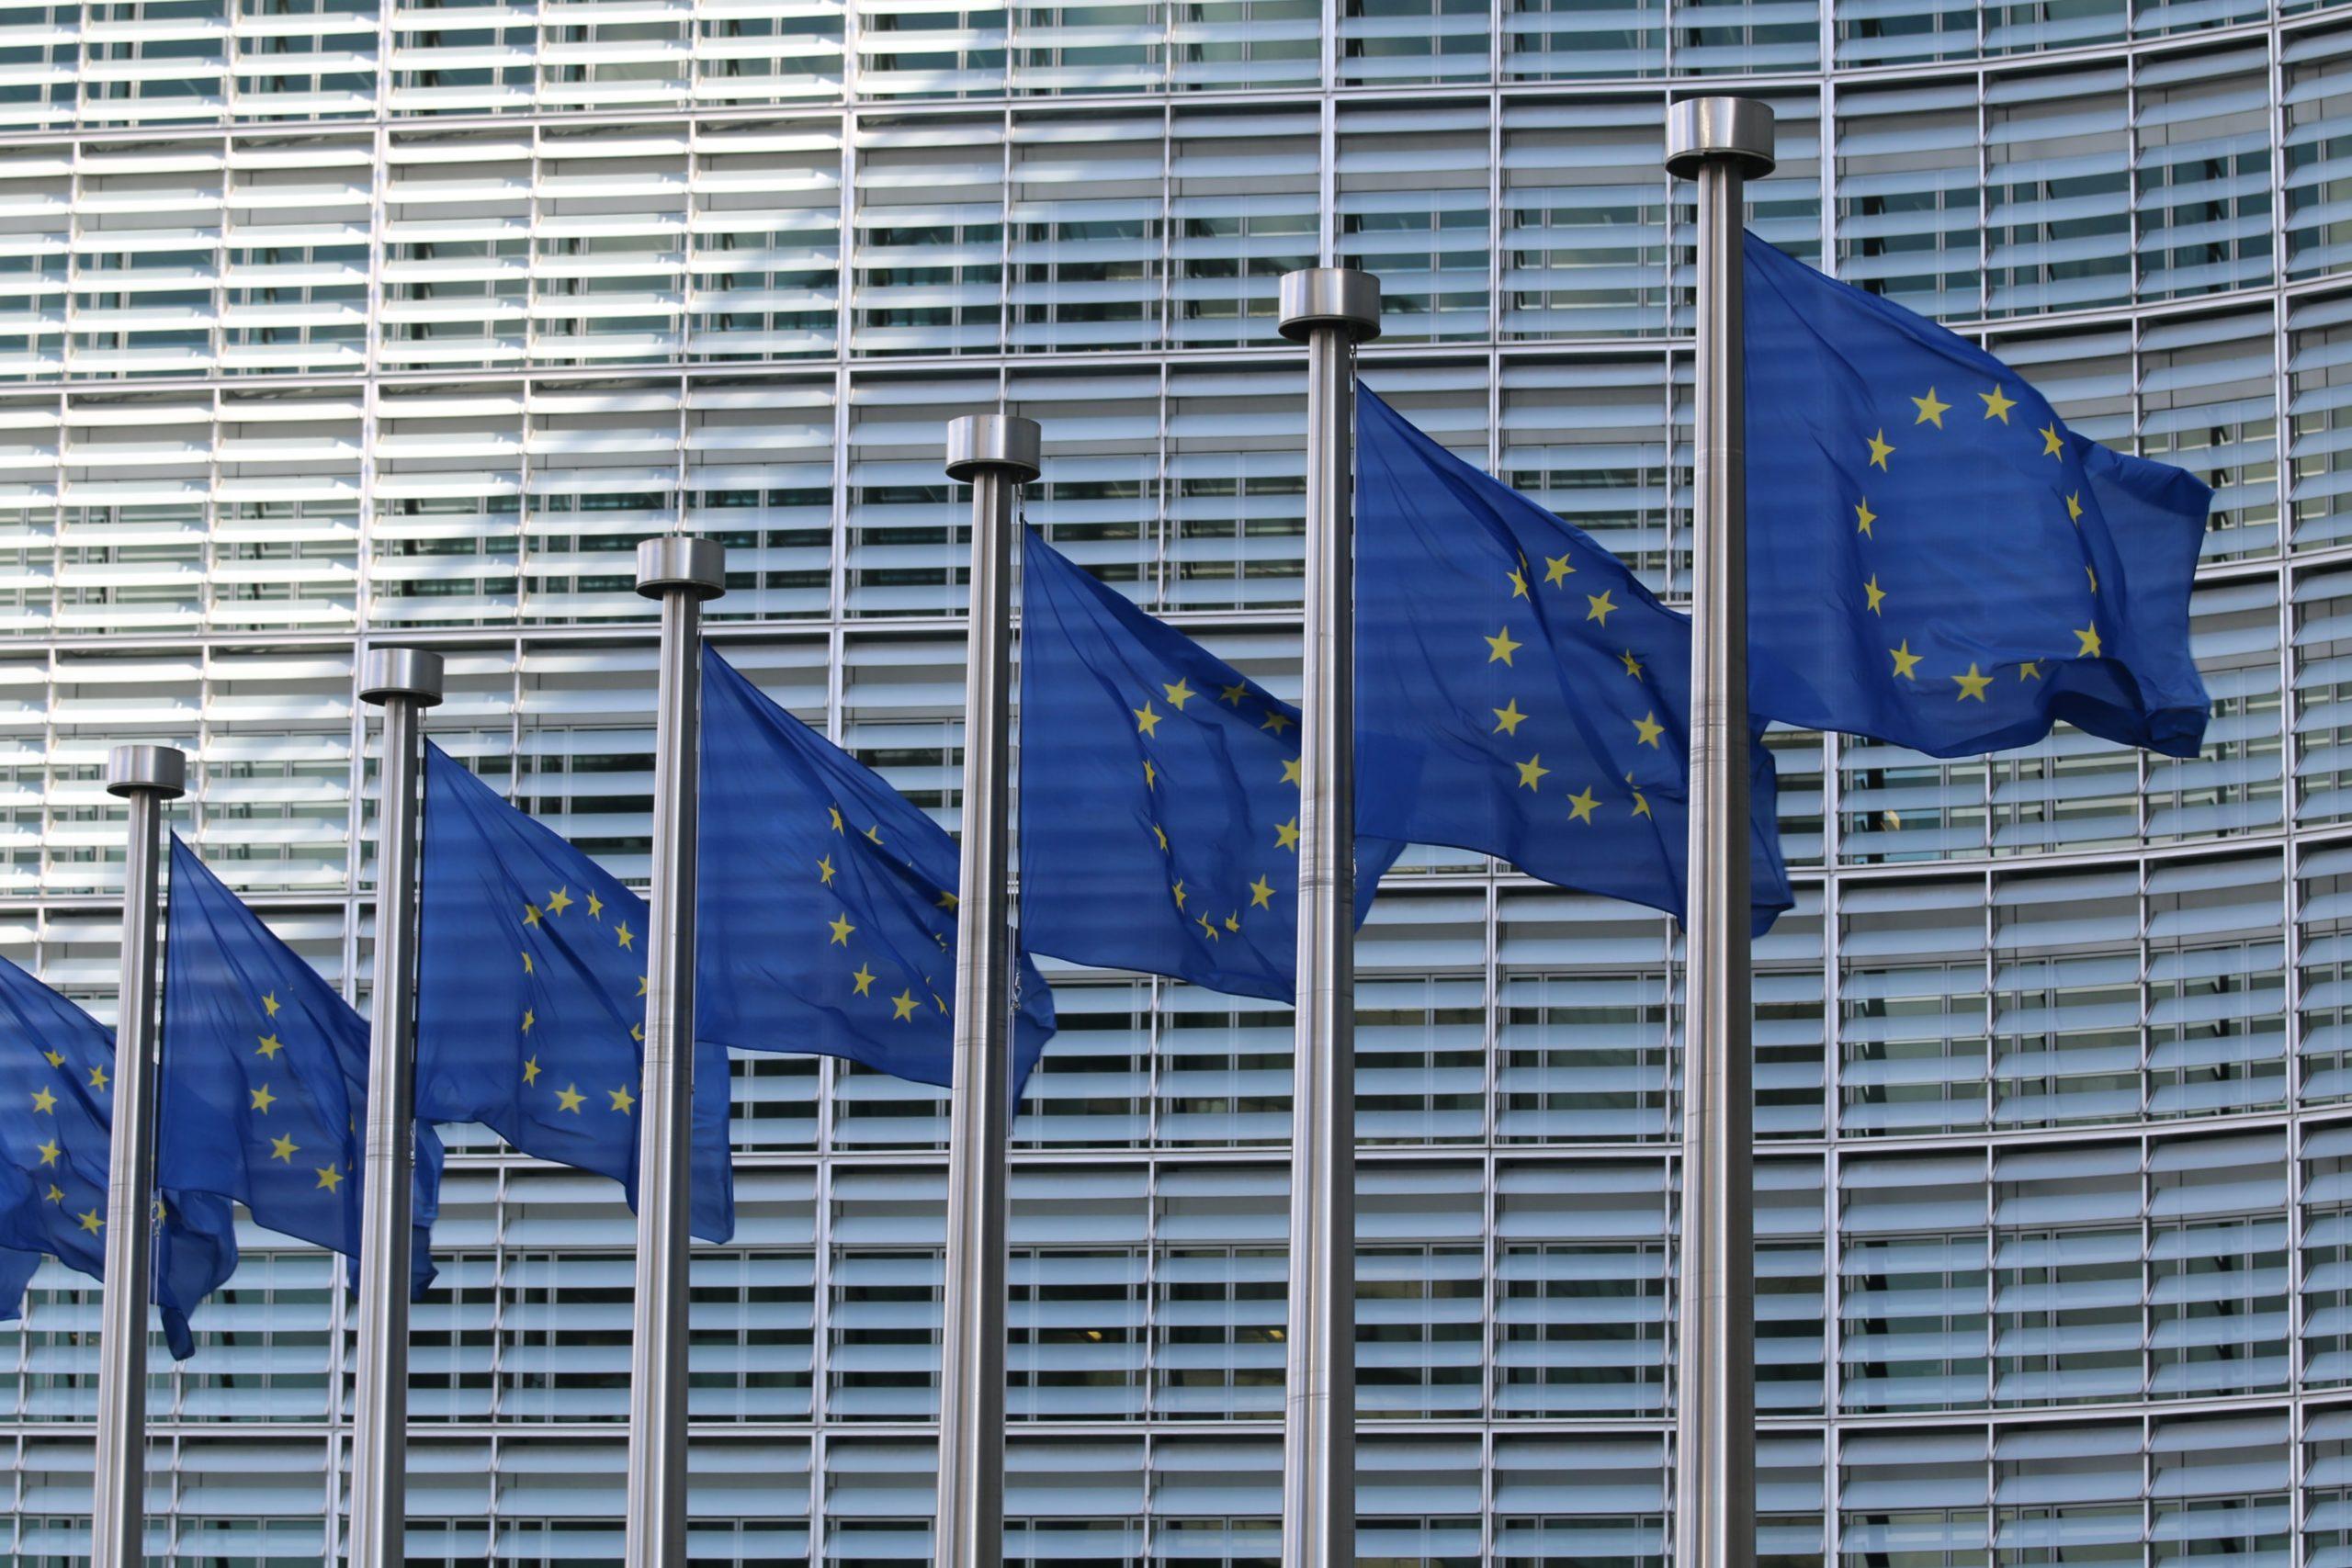 Portée, tares et contradictions de l'accord européen, par Francis Wurtz